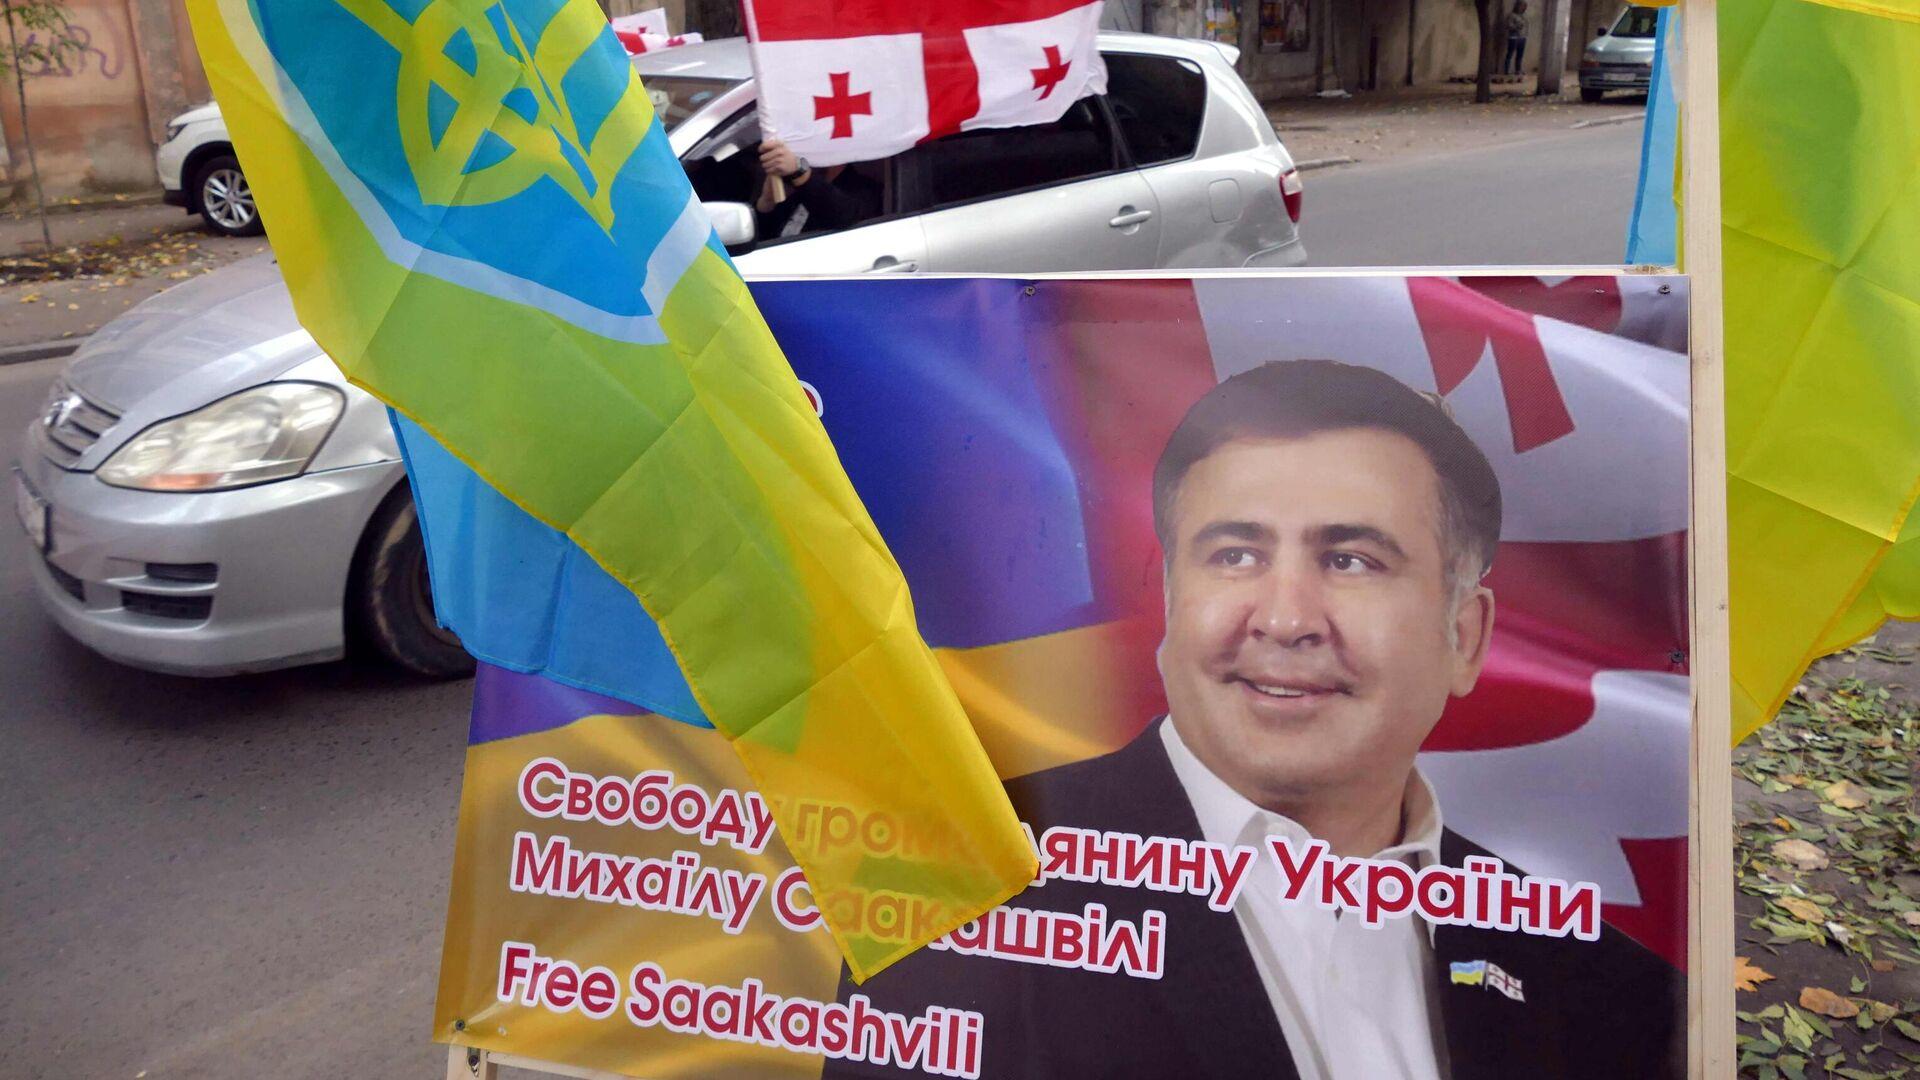 Участники акции в поддержку Михаила Саакашвили проехали на автомобилях с украинскими и грузинскими флагами по улицам Одессы - РИА Новости, 1920, 14.10.2021